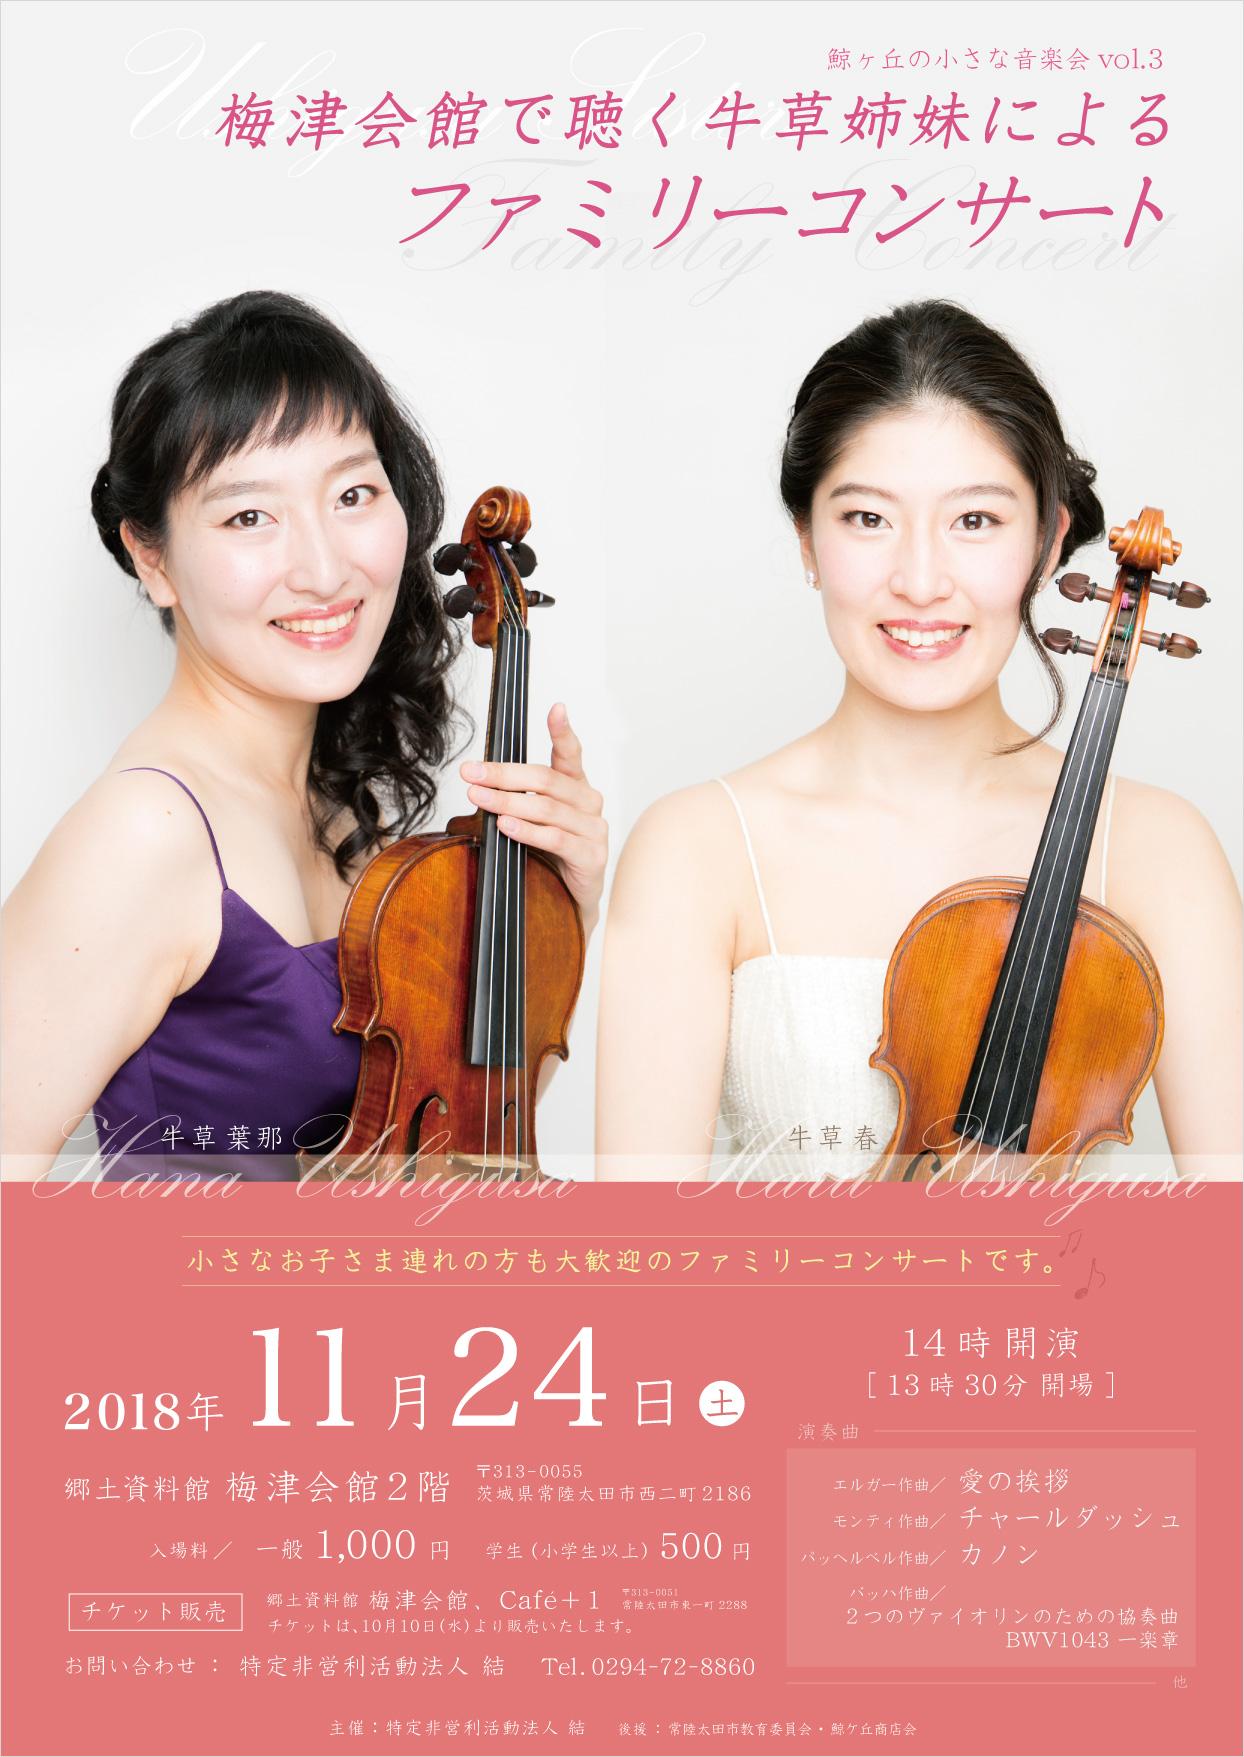 梅津会館で聴く牛草姉妹によるファミリーコンサート